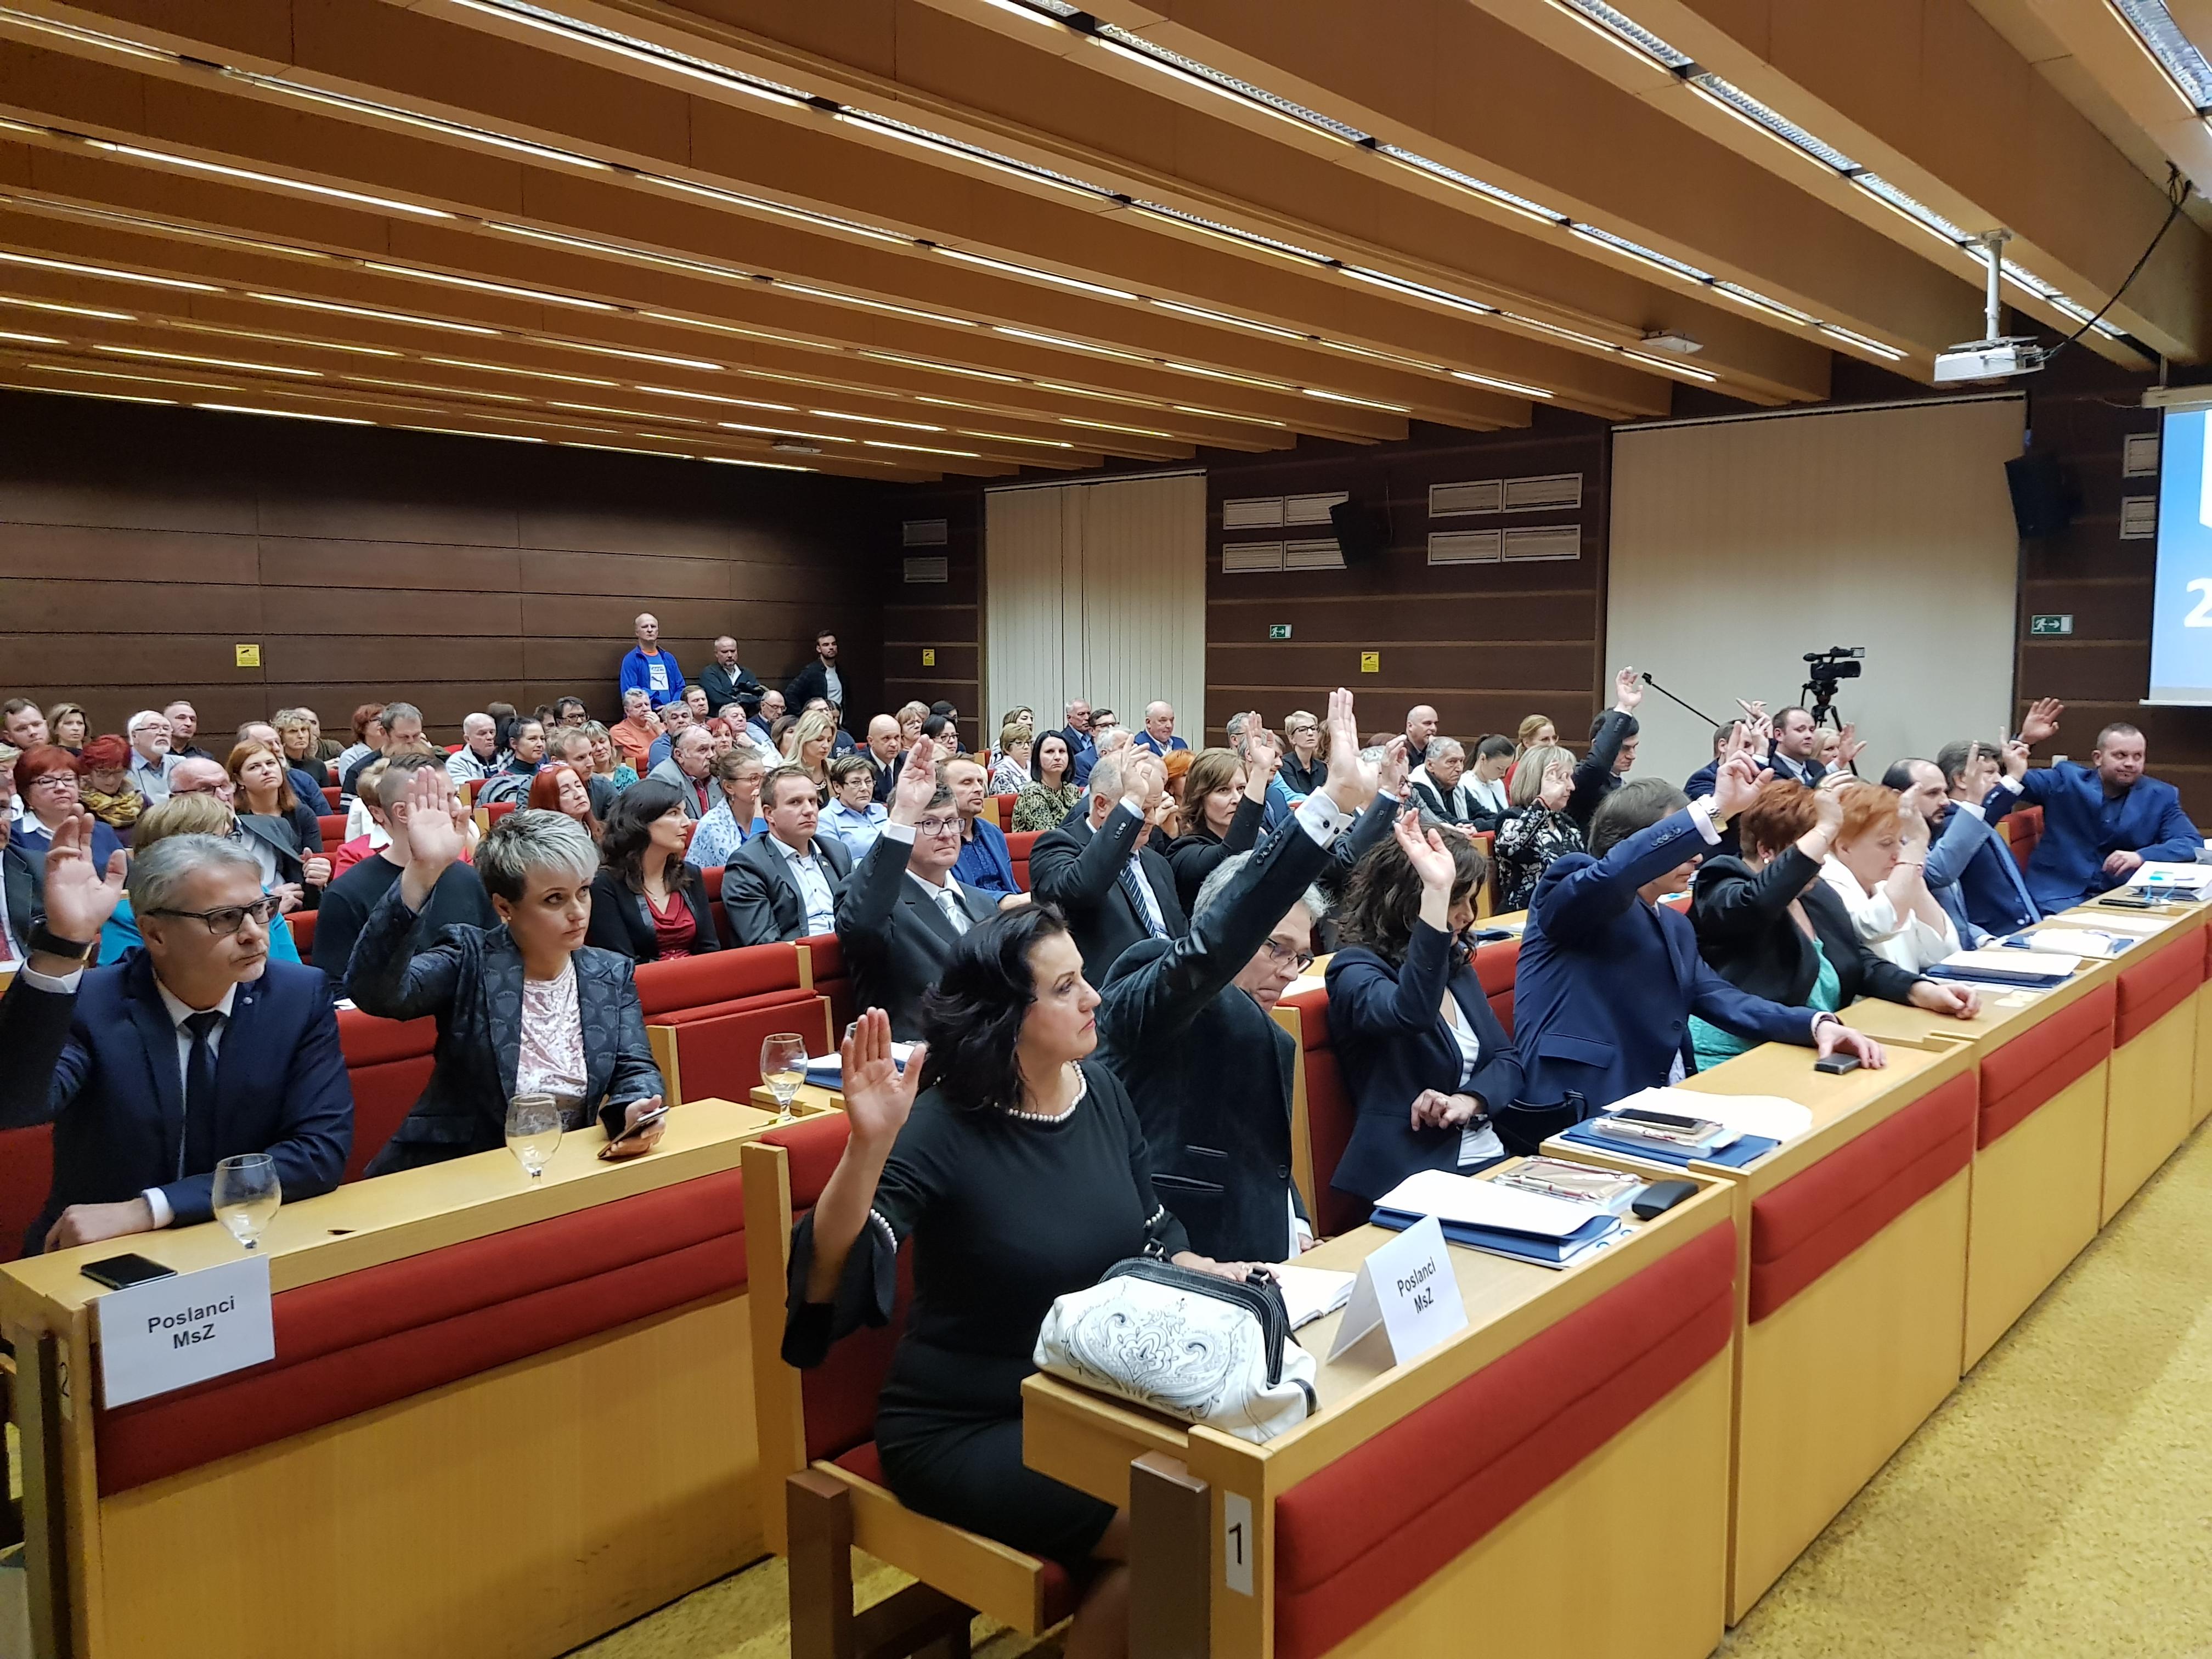 Poslanci v Liptovskom Mikuláši zložili sľub, môžu už vykonávať svoju funkciu